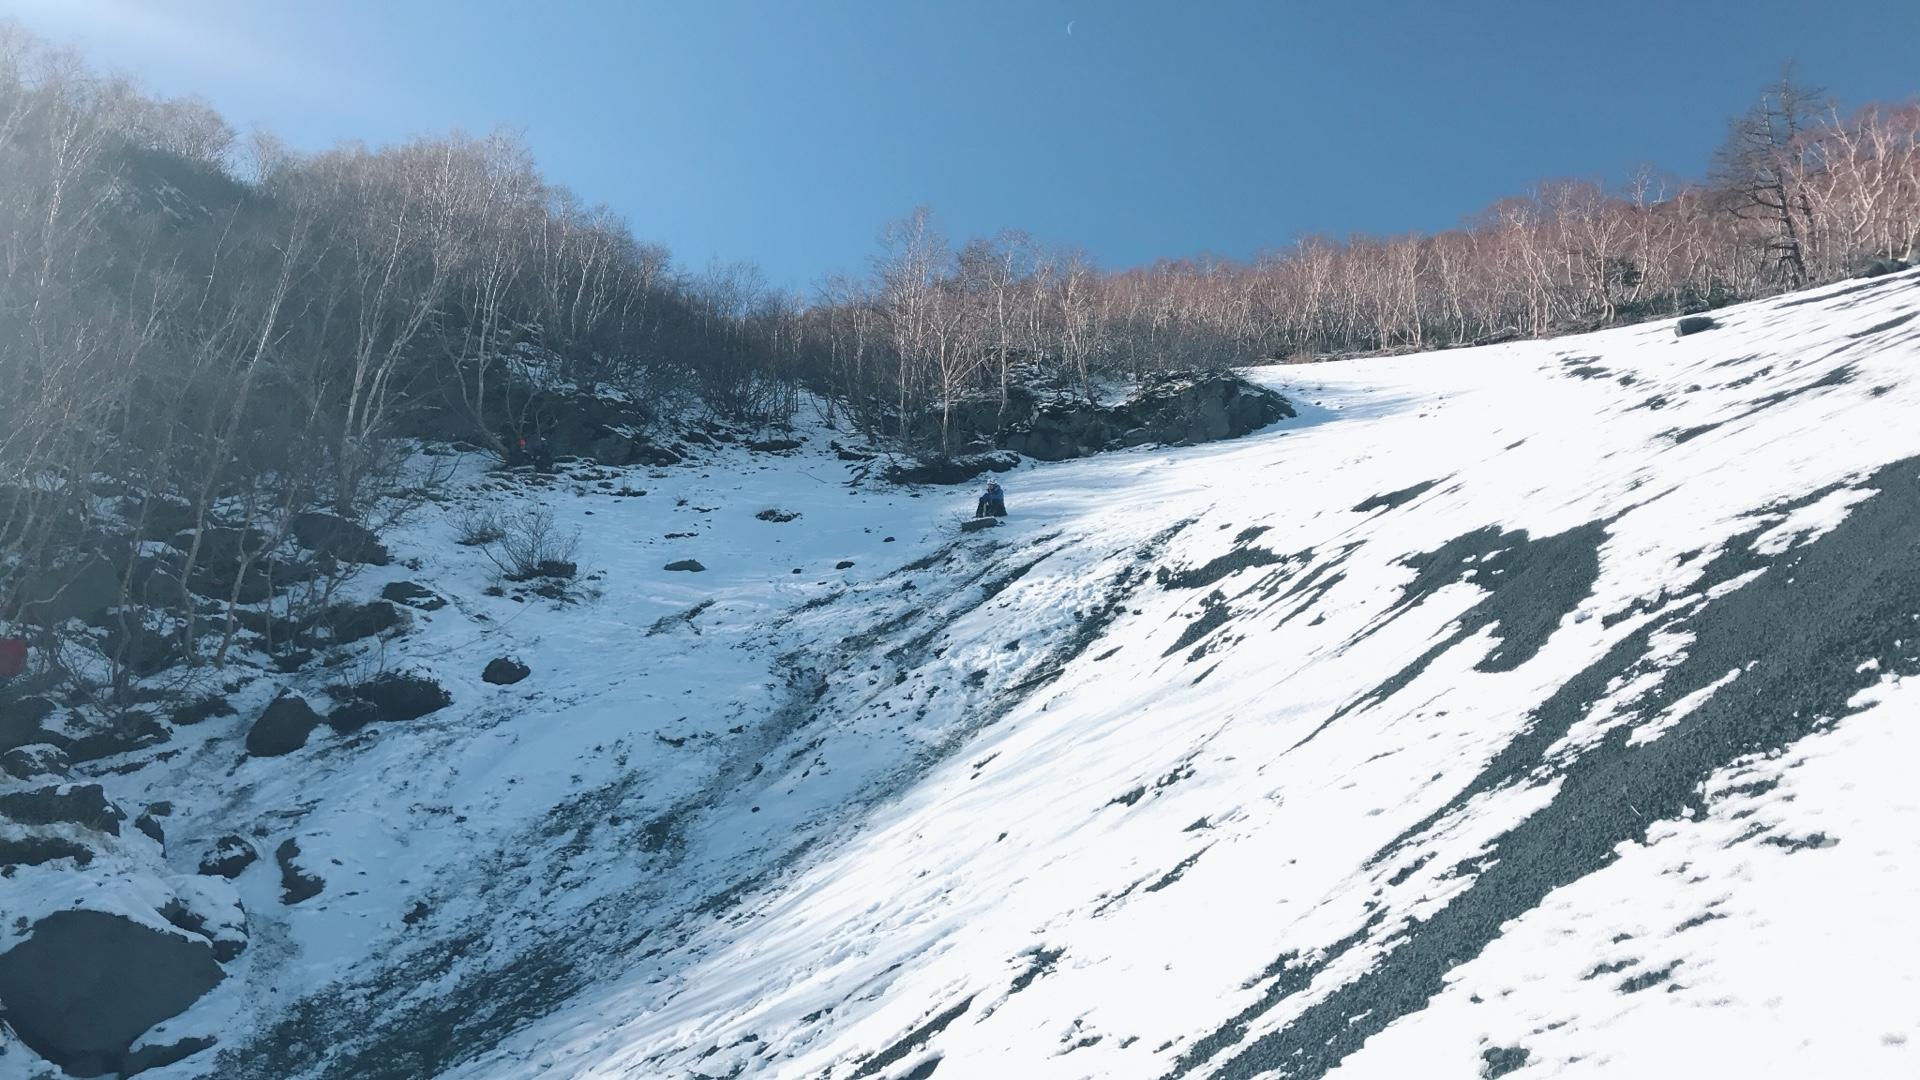 4235d73dd8 登山関連のブログ情報 - 2018年12月16日の情報 / 登山の四方山話